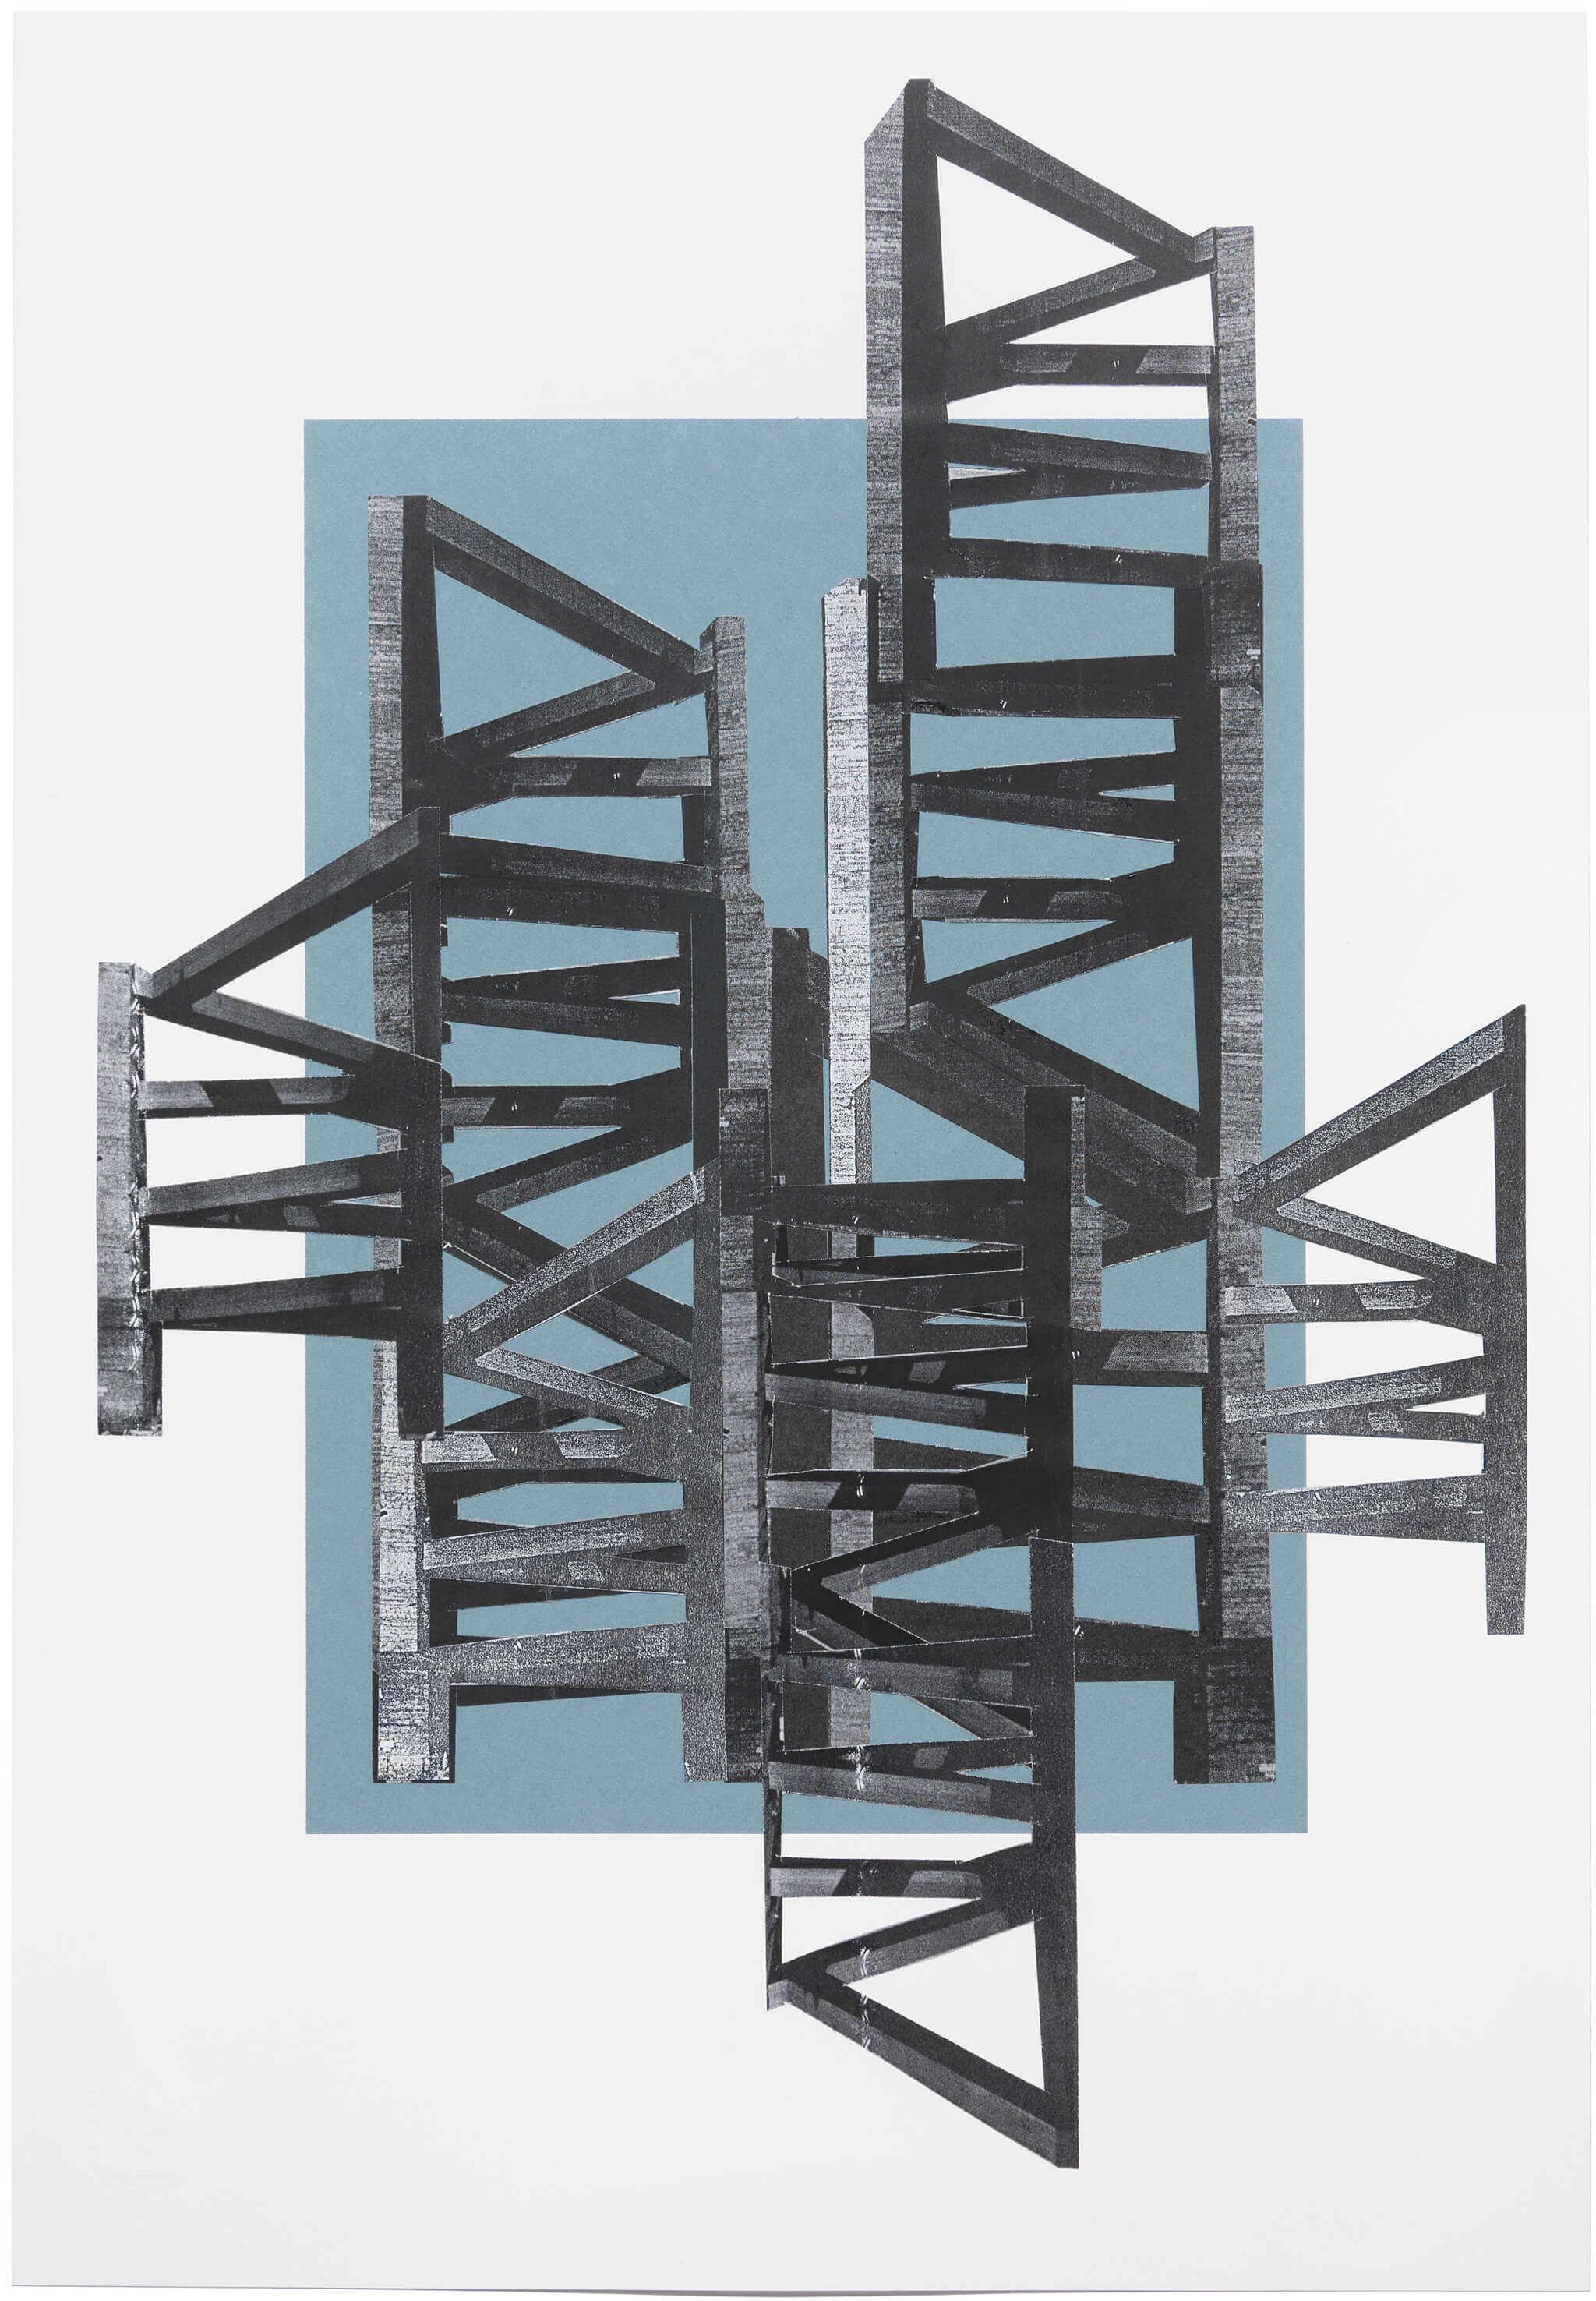 2015_09_Frauke Dannert_Collage_Papiercollage_Leiter